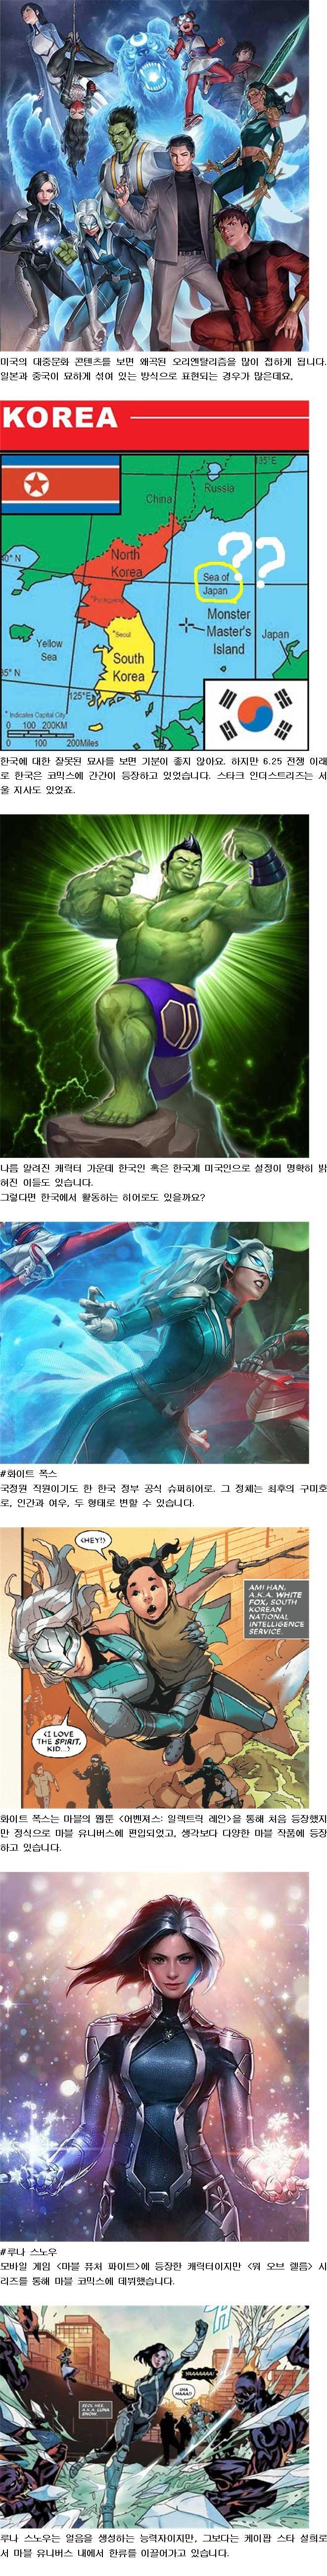 마블의 한국인 히어로1.jpg